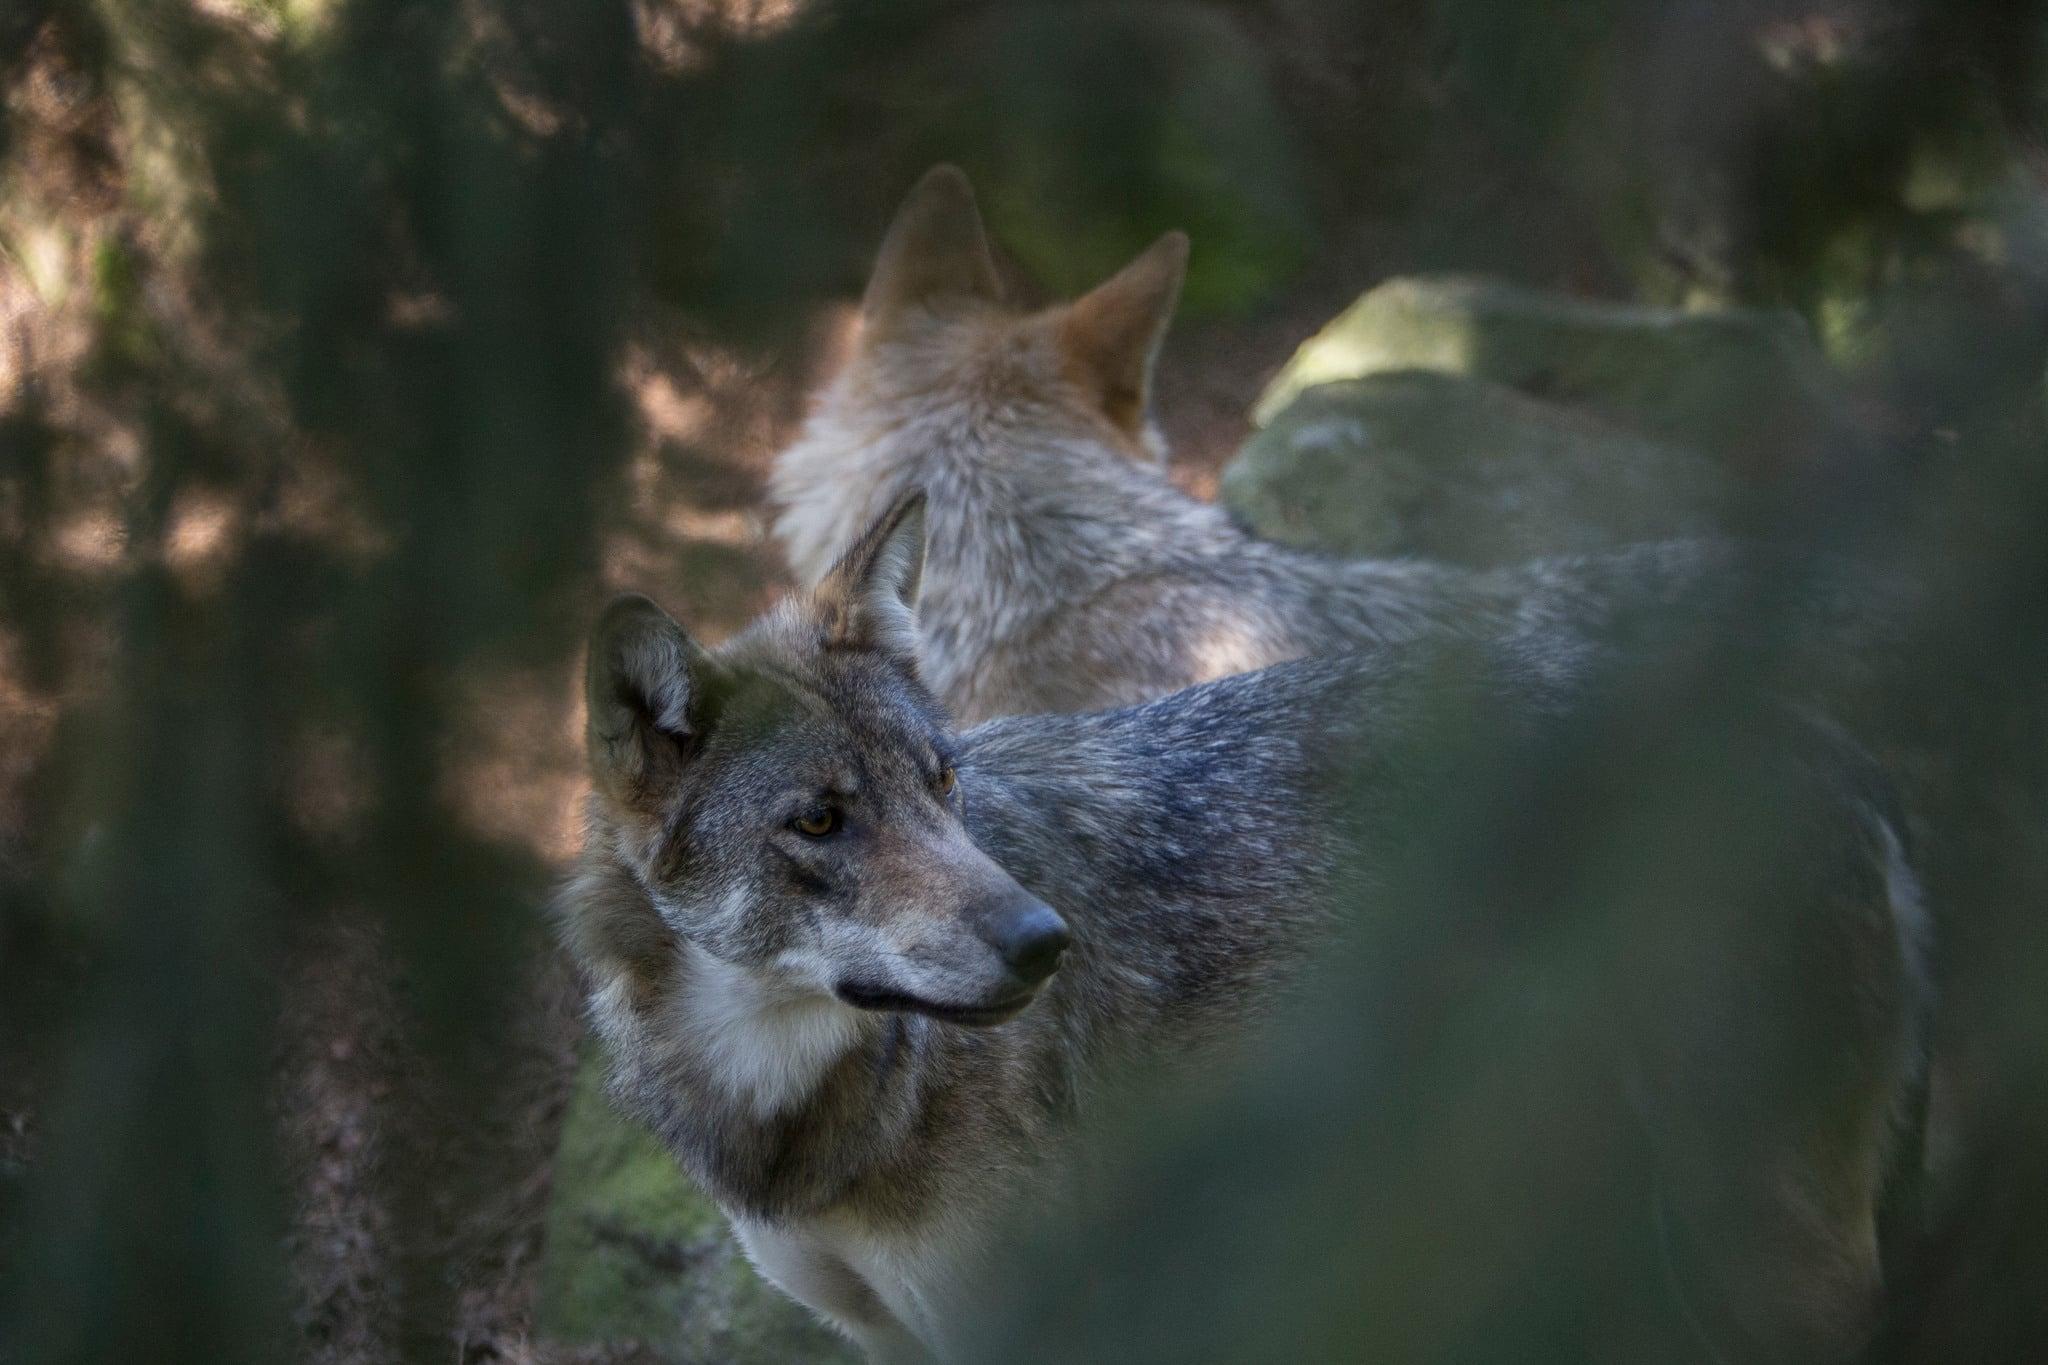 Två olika forskarteam anser att det krävs minst 300 vargar för att vargen ska ha gynnsam bevarandestatus i Sverige. Foto i hägn: Olle Olsson